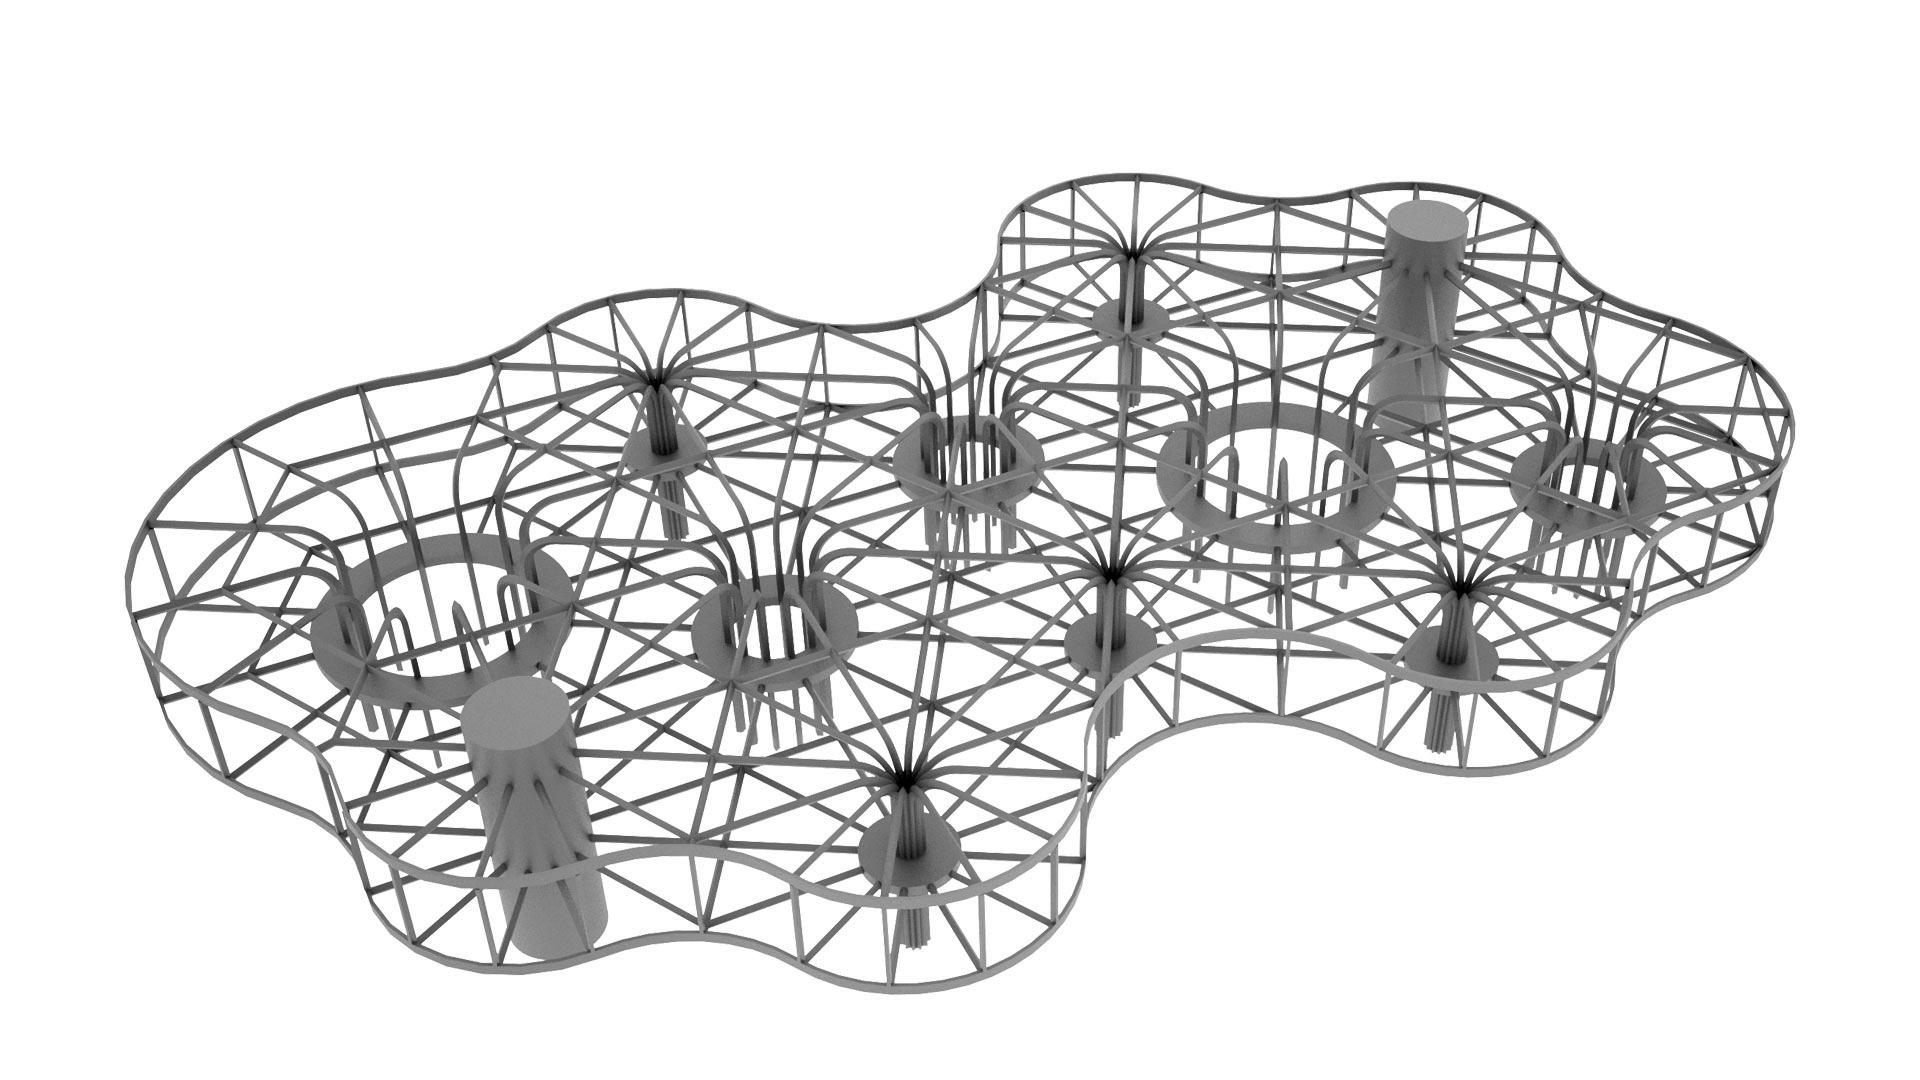 Tragwerkskonzept - Konstruktiv gesehen besteht das Gebäude aus einem netzartigen Tragwerk, dessen horizontale Träger auf zwei Ebenen sternförmig in Punkt- oder Kreisstützsystemen zusammenlaufen.